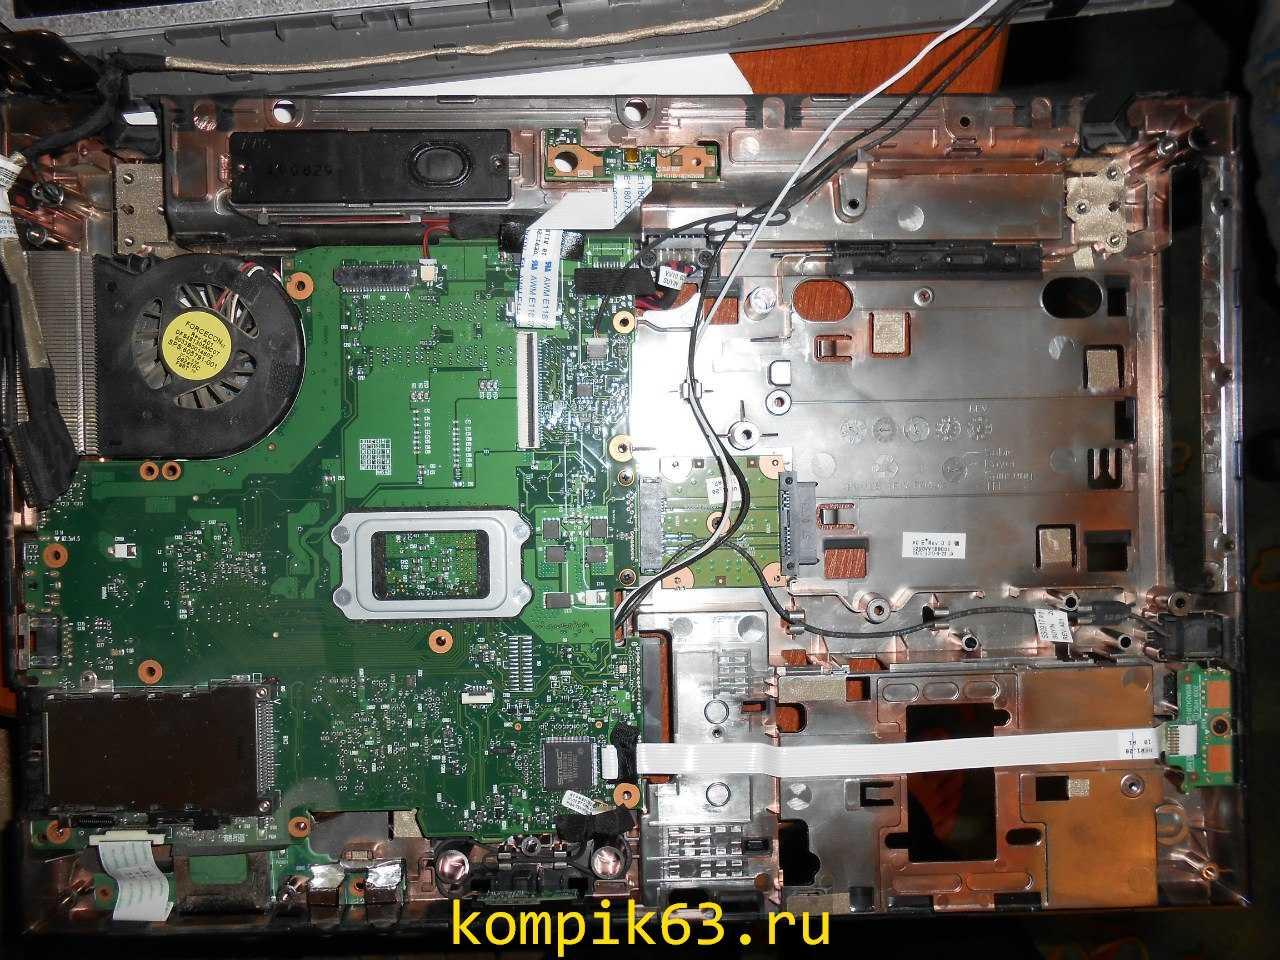 kompik63.ru-101